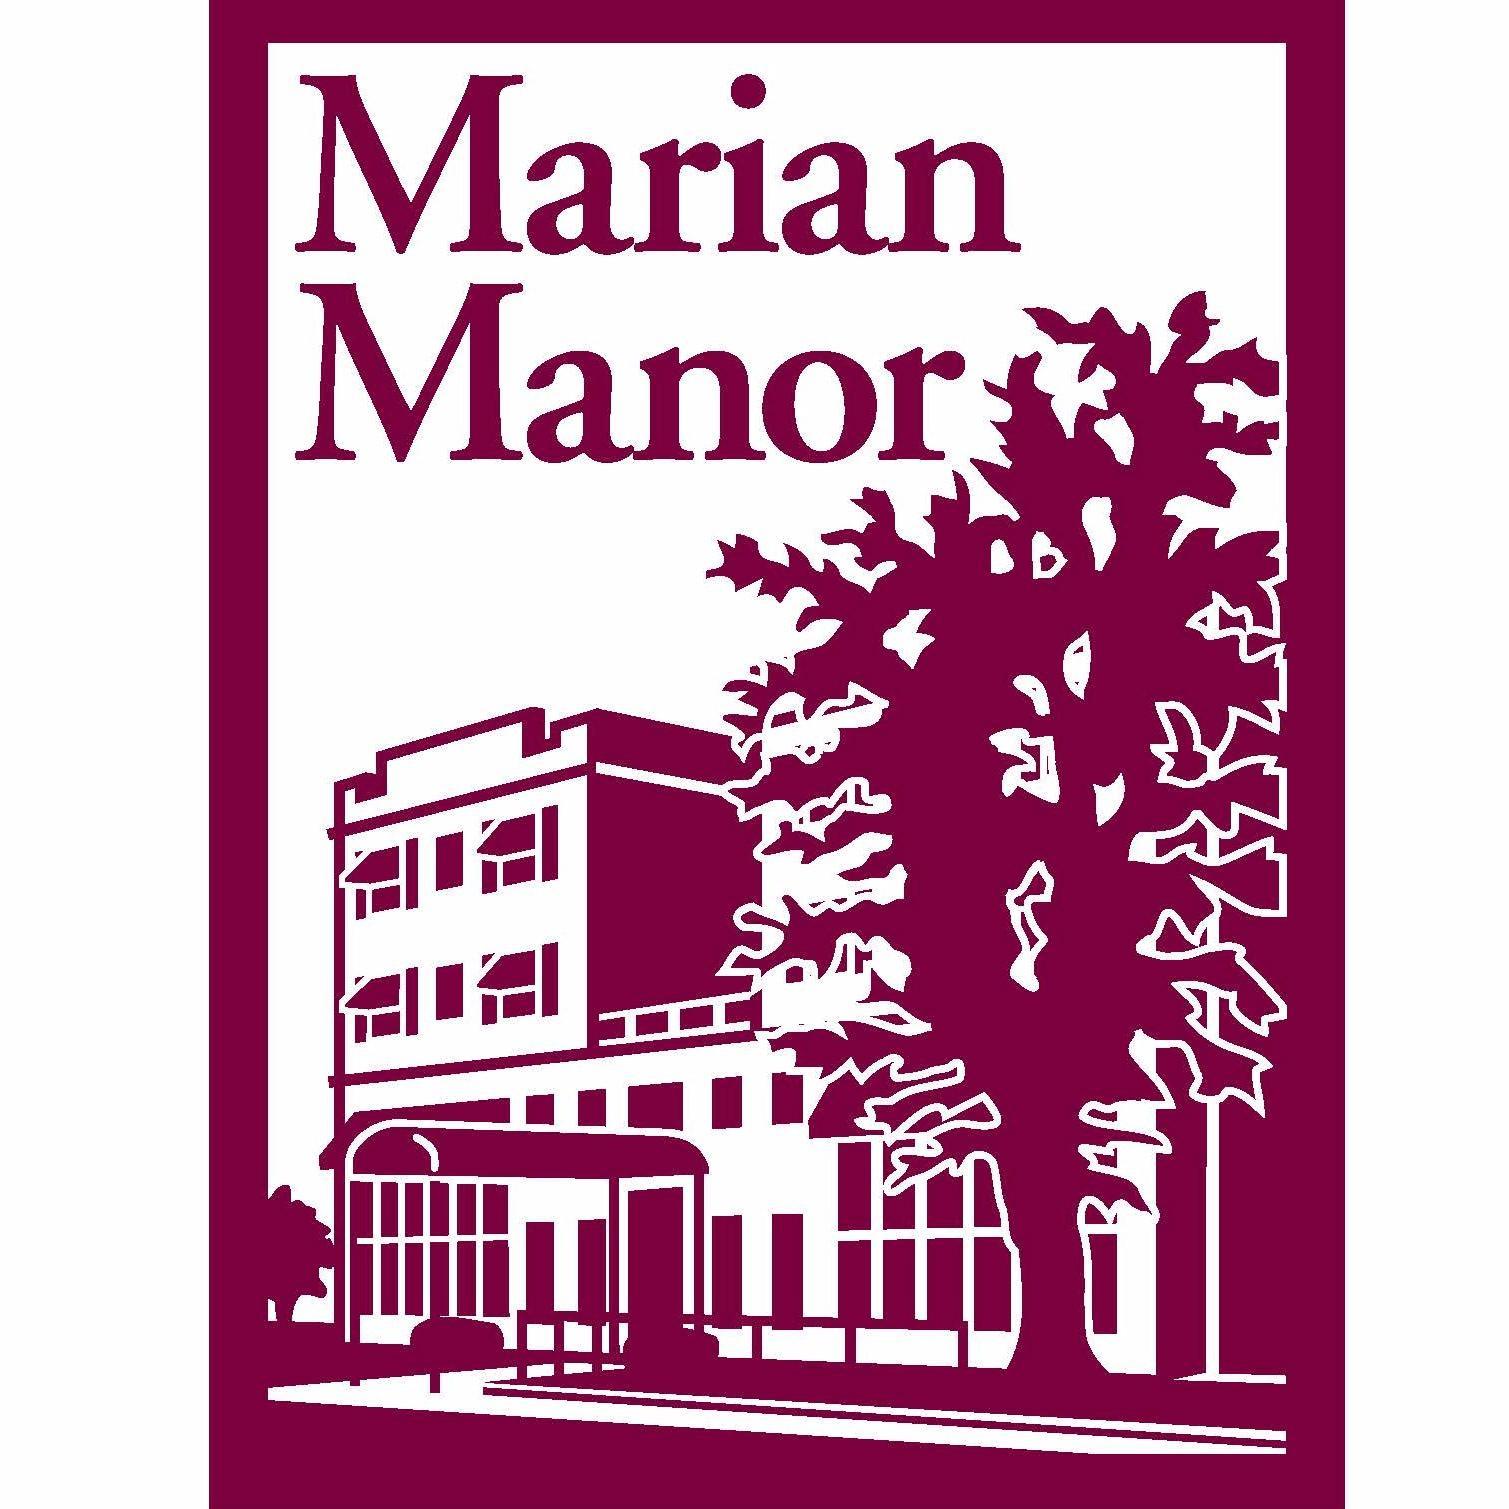 Marian Manor Skilled Nursing & Rehabilitative Care - Taunton, MA - Civic & Social Clubs